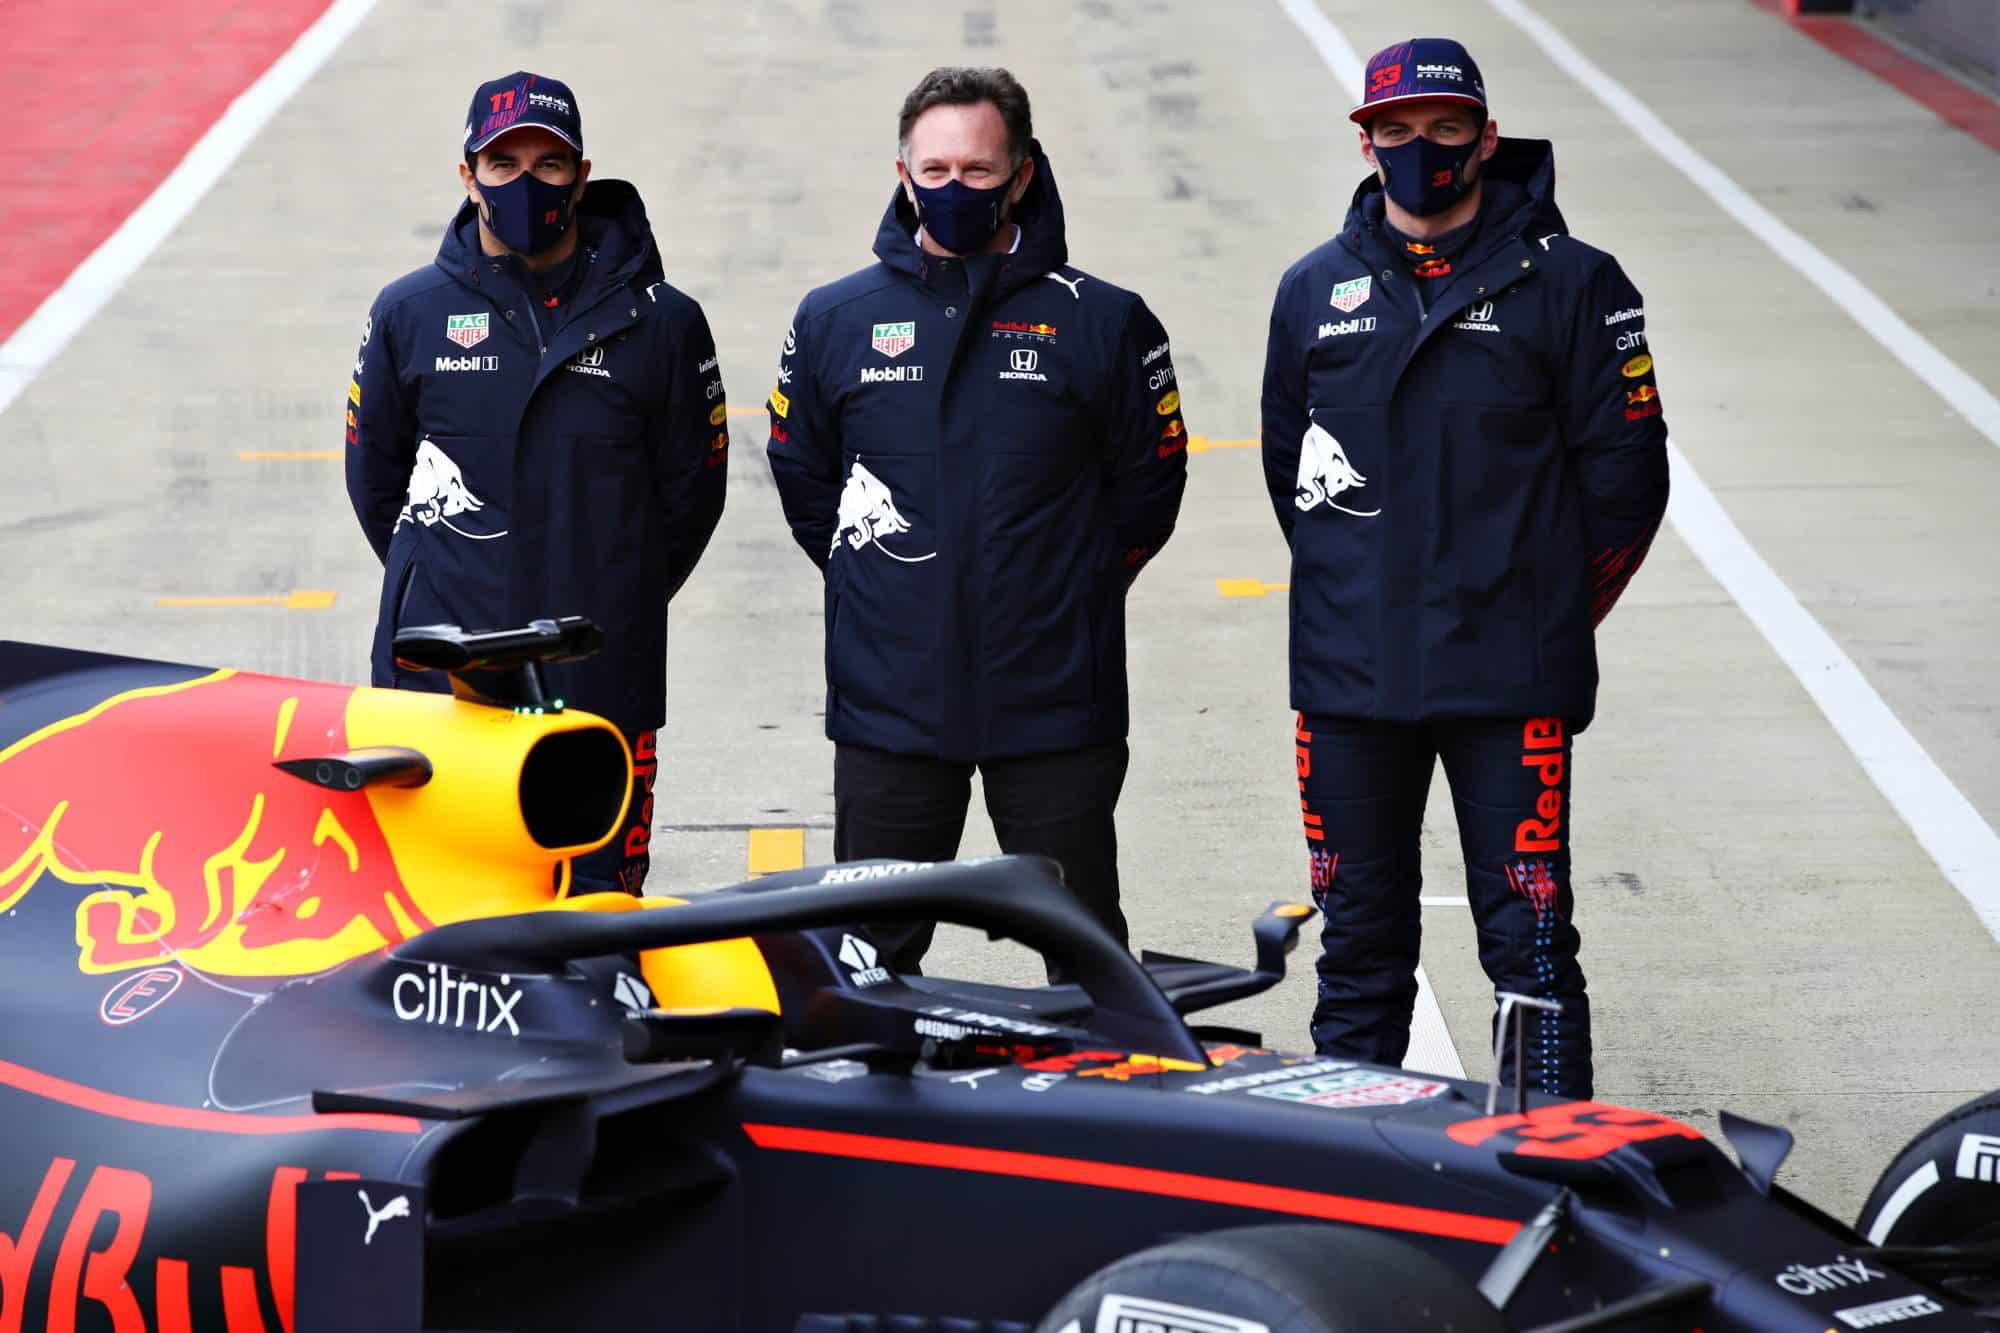 2021 Perez Verstappen Horner in front of RB15 2019 F1 car Photo Red Bull